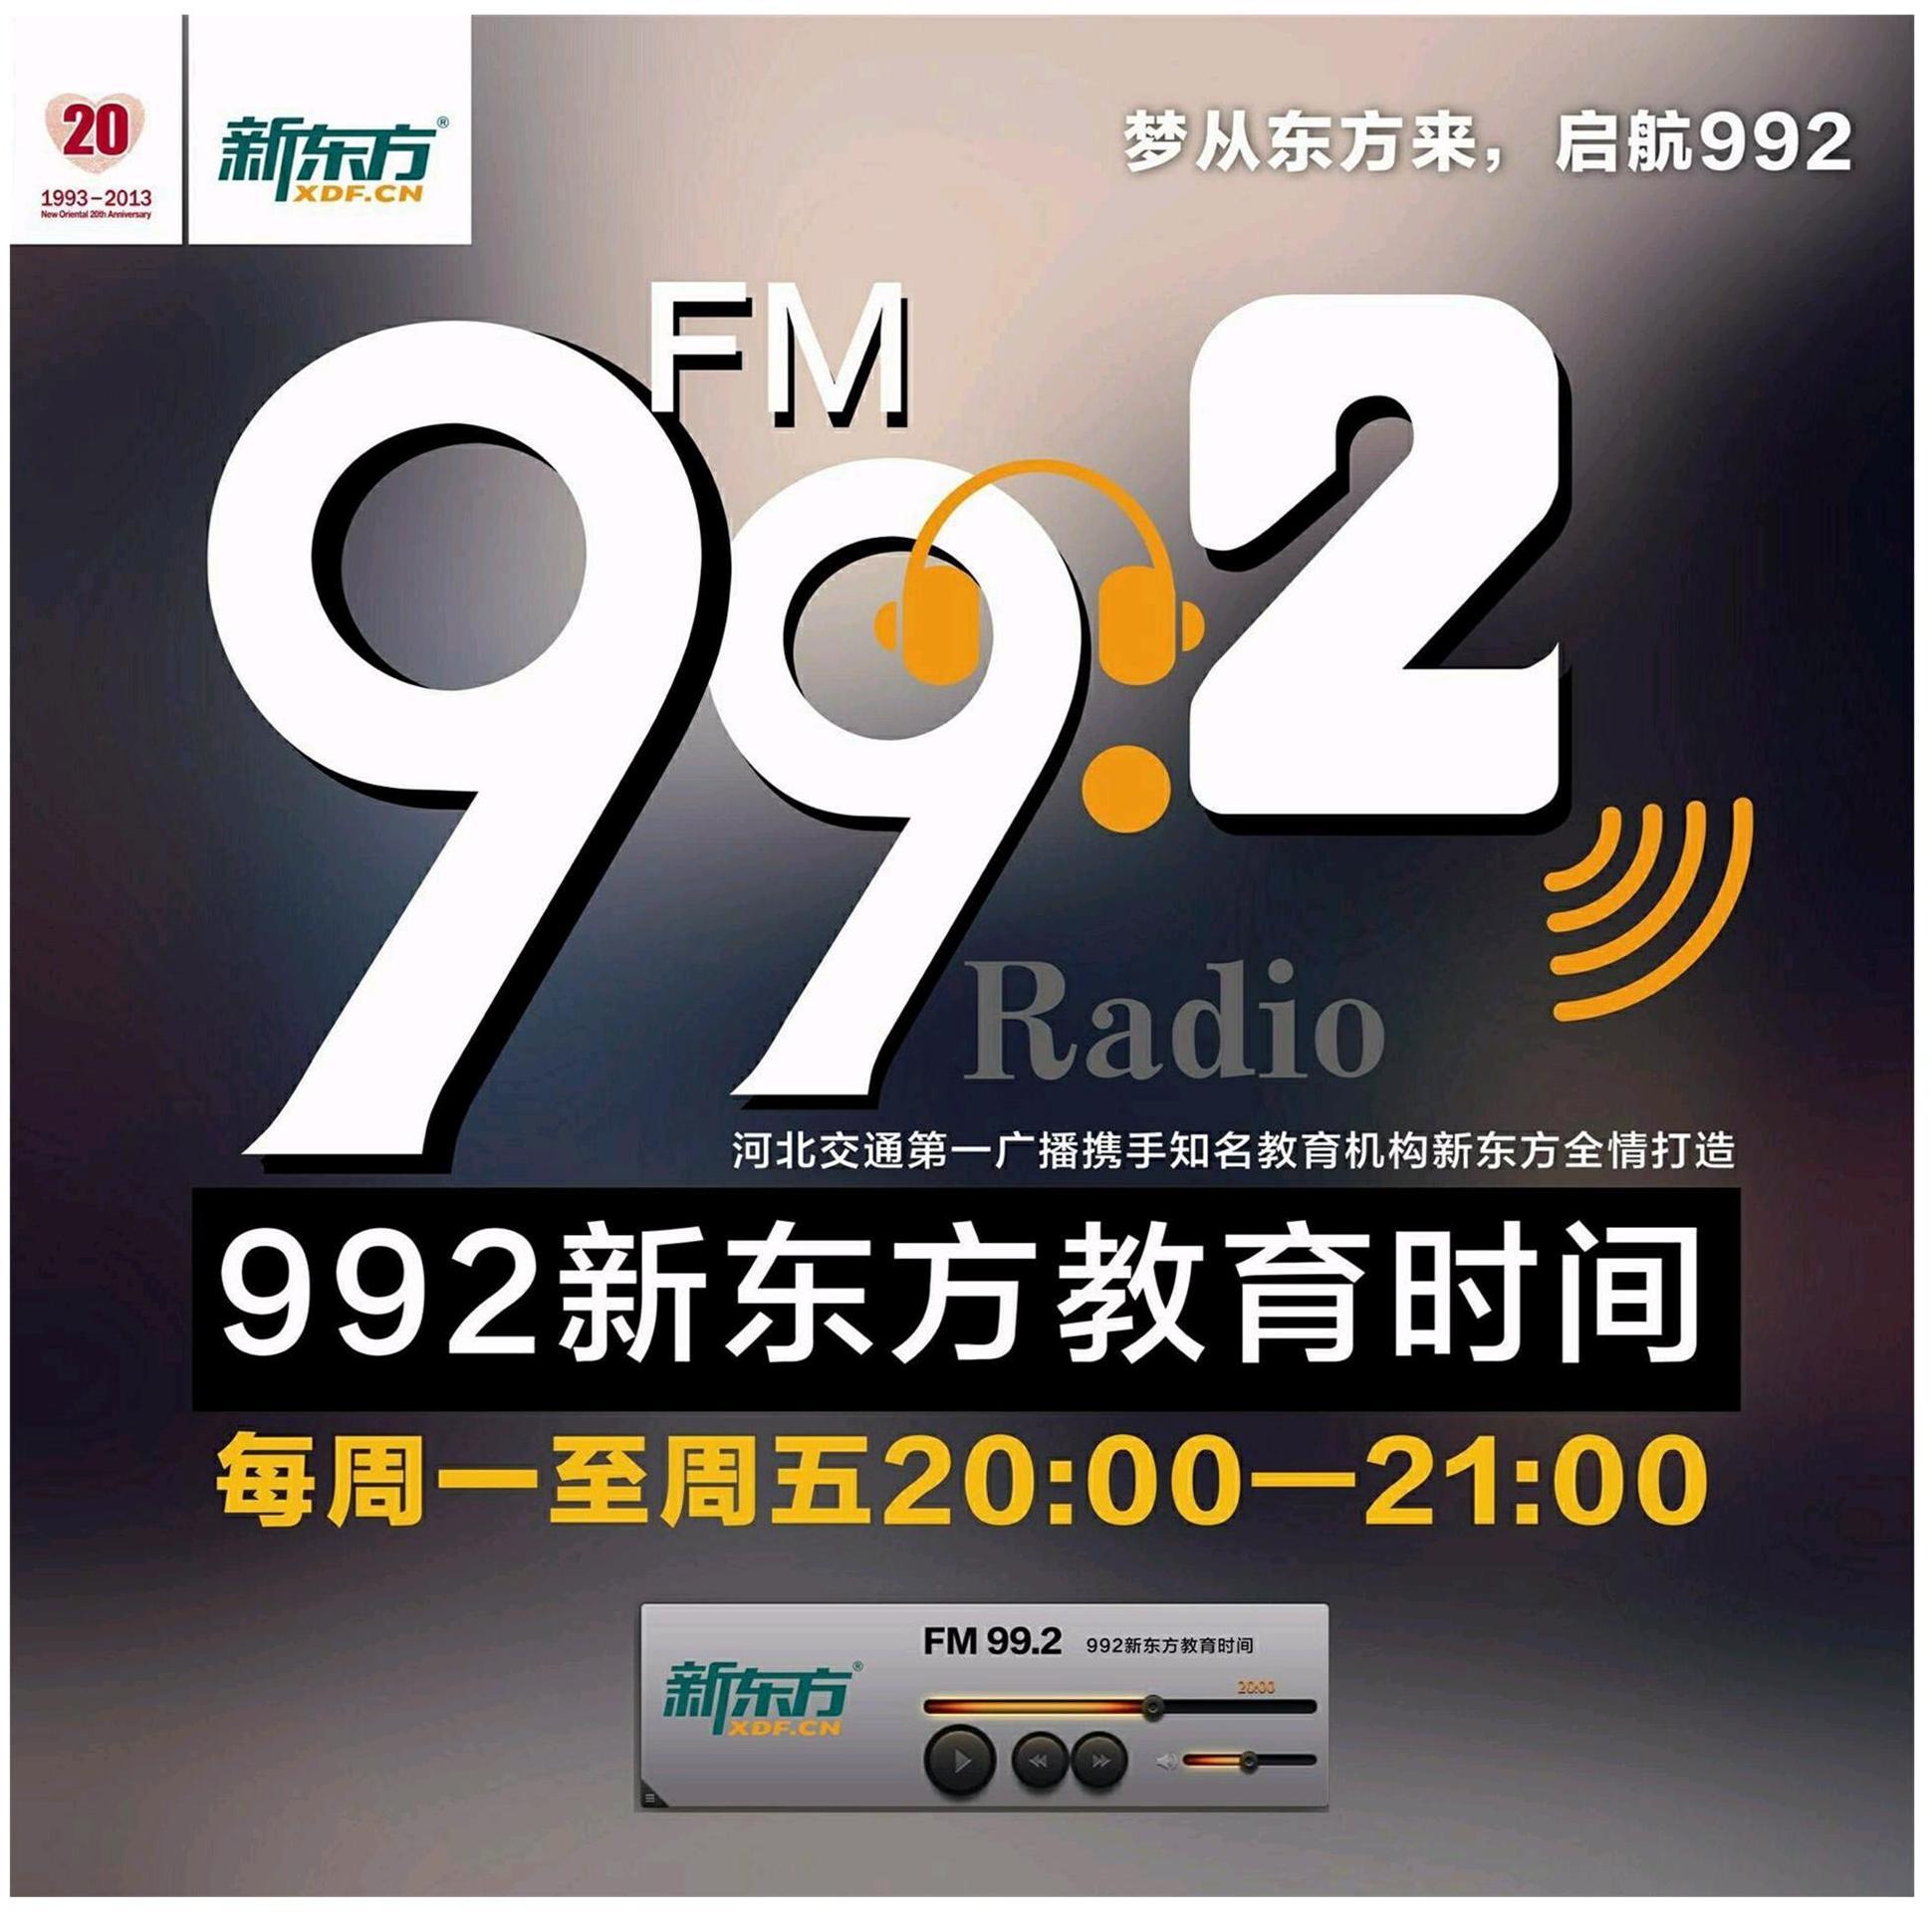 992新东方教育时间-2014年专辑